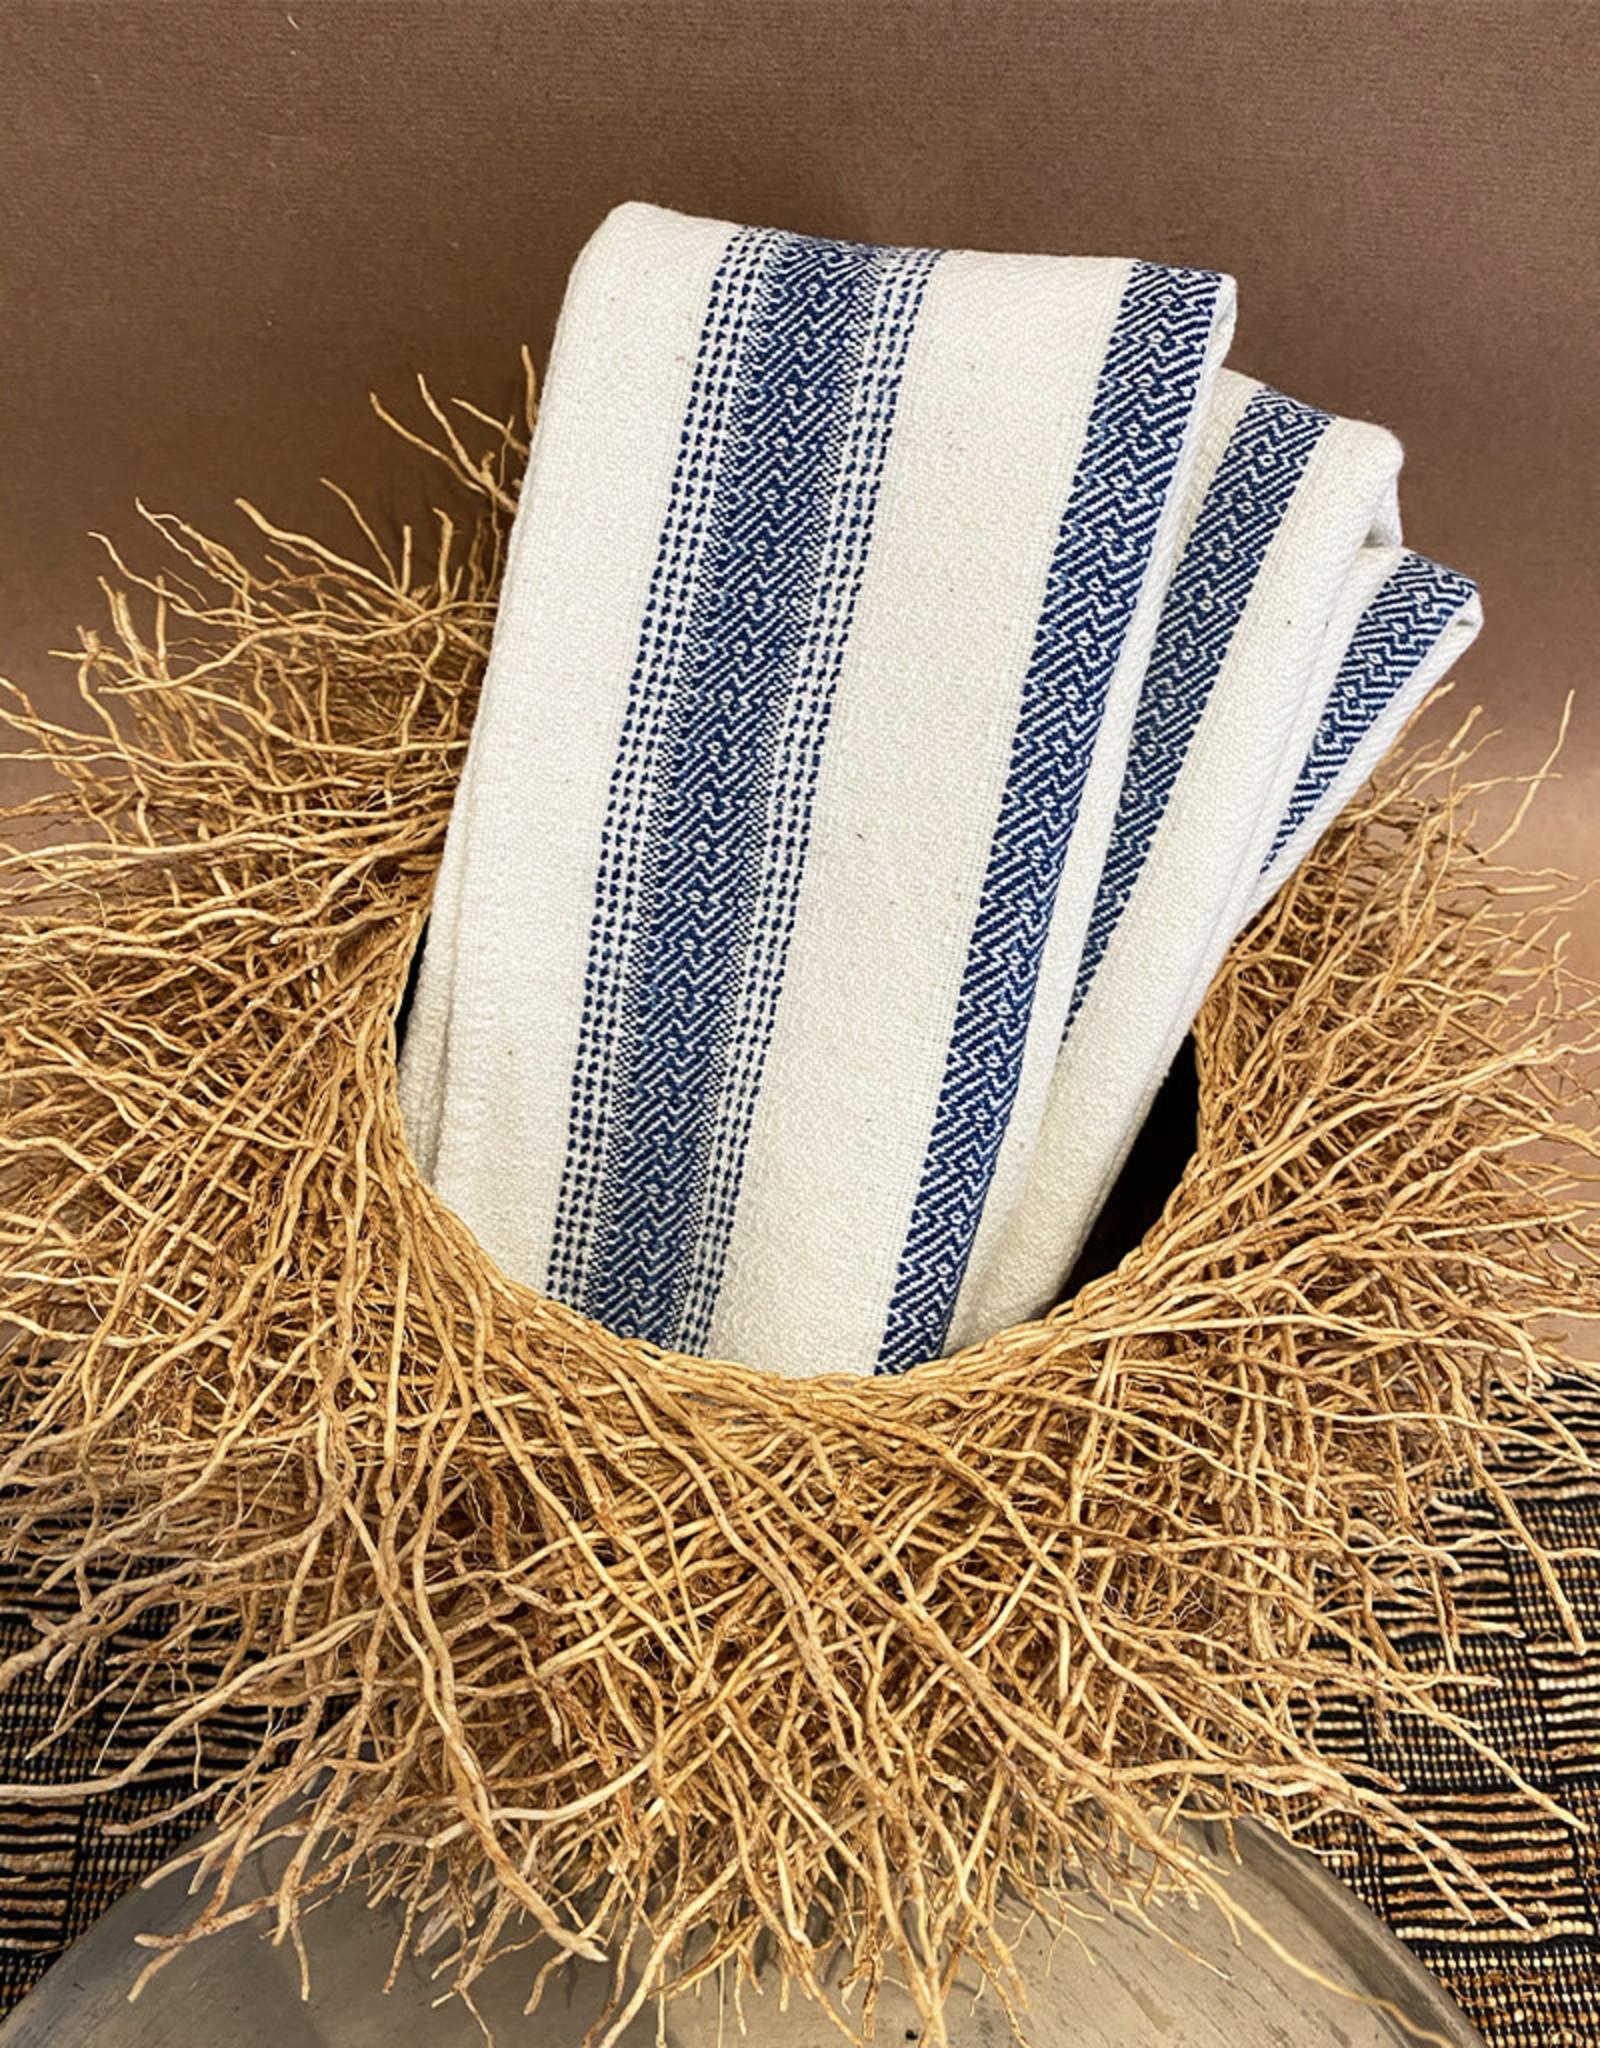 Andares Woven Napkin Cream and Indigo